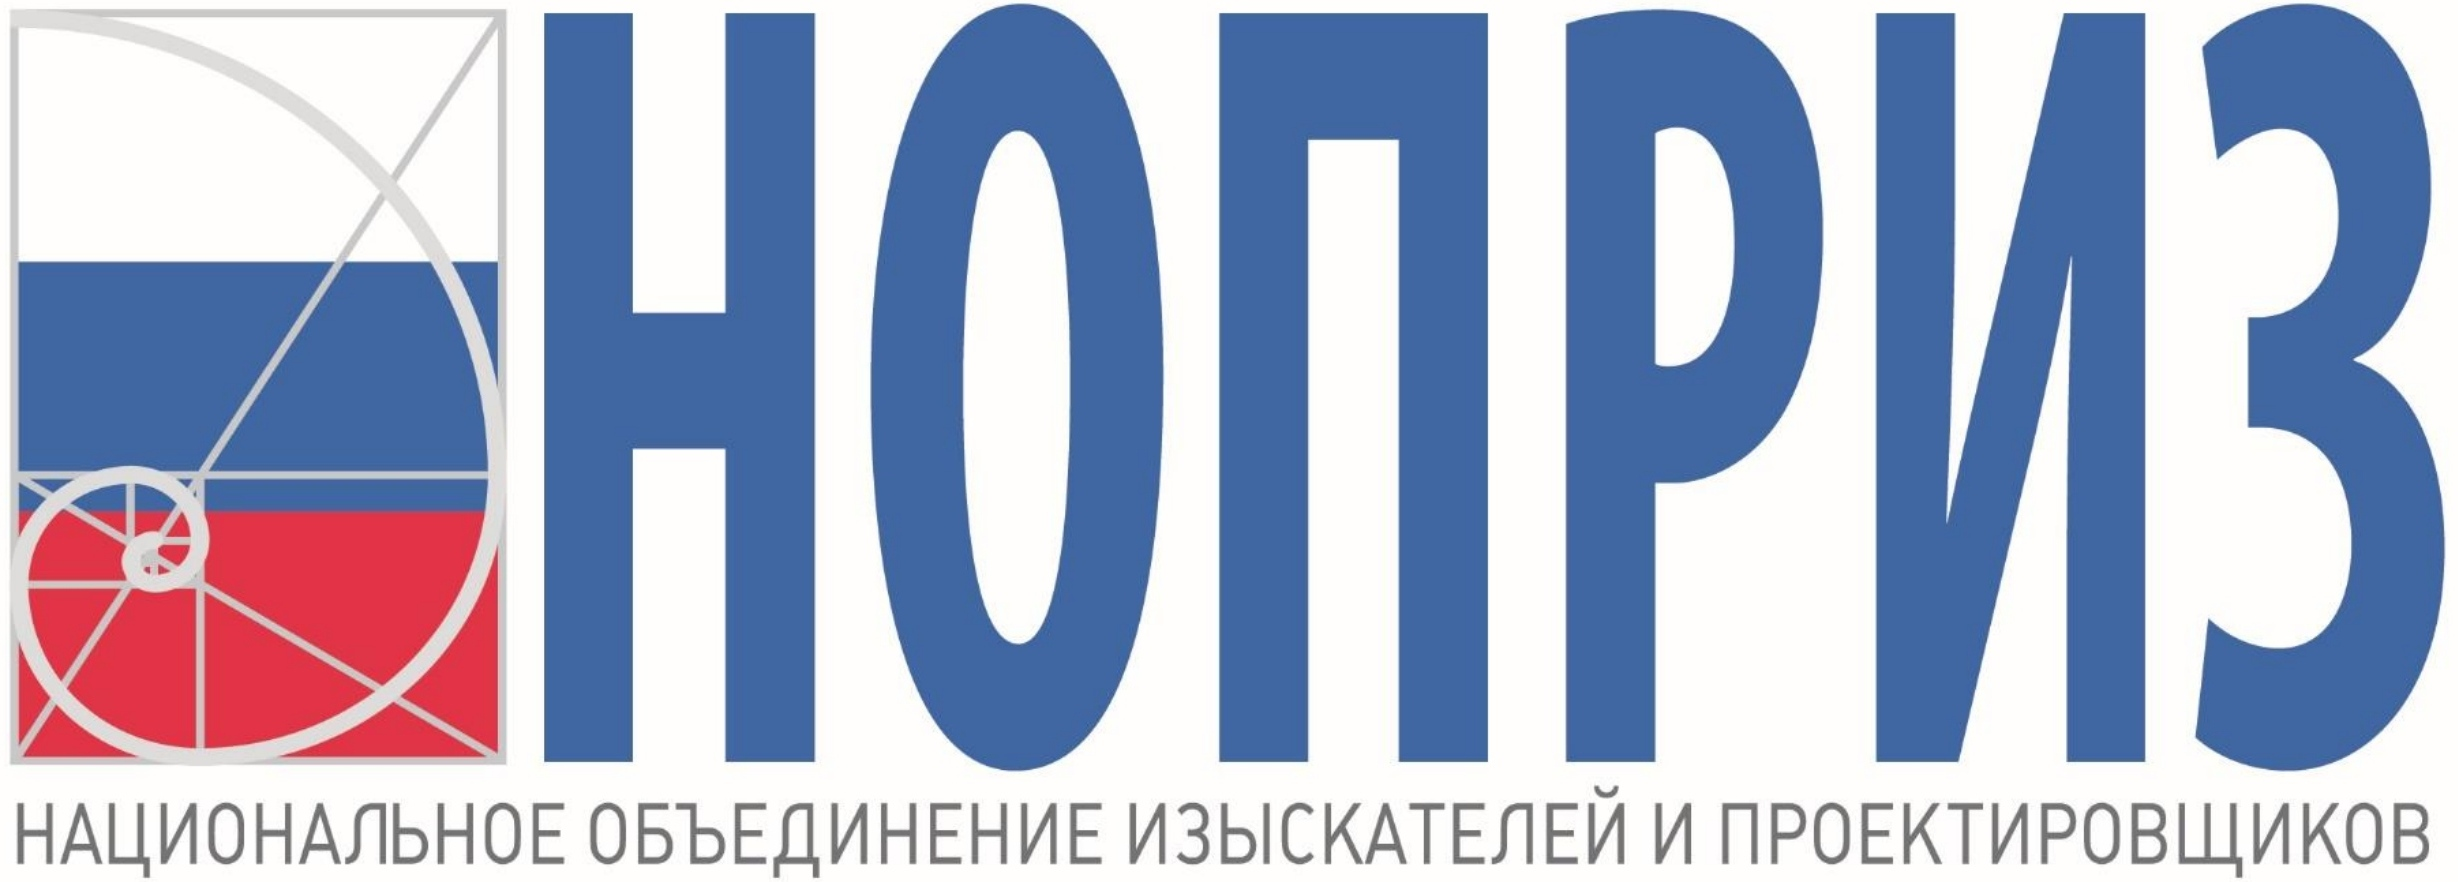 Национальное объединение изыскателей и проектировщиков, логотип